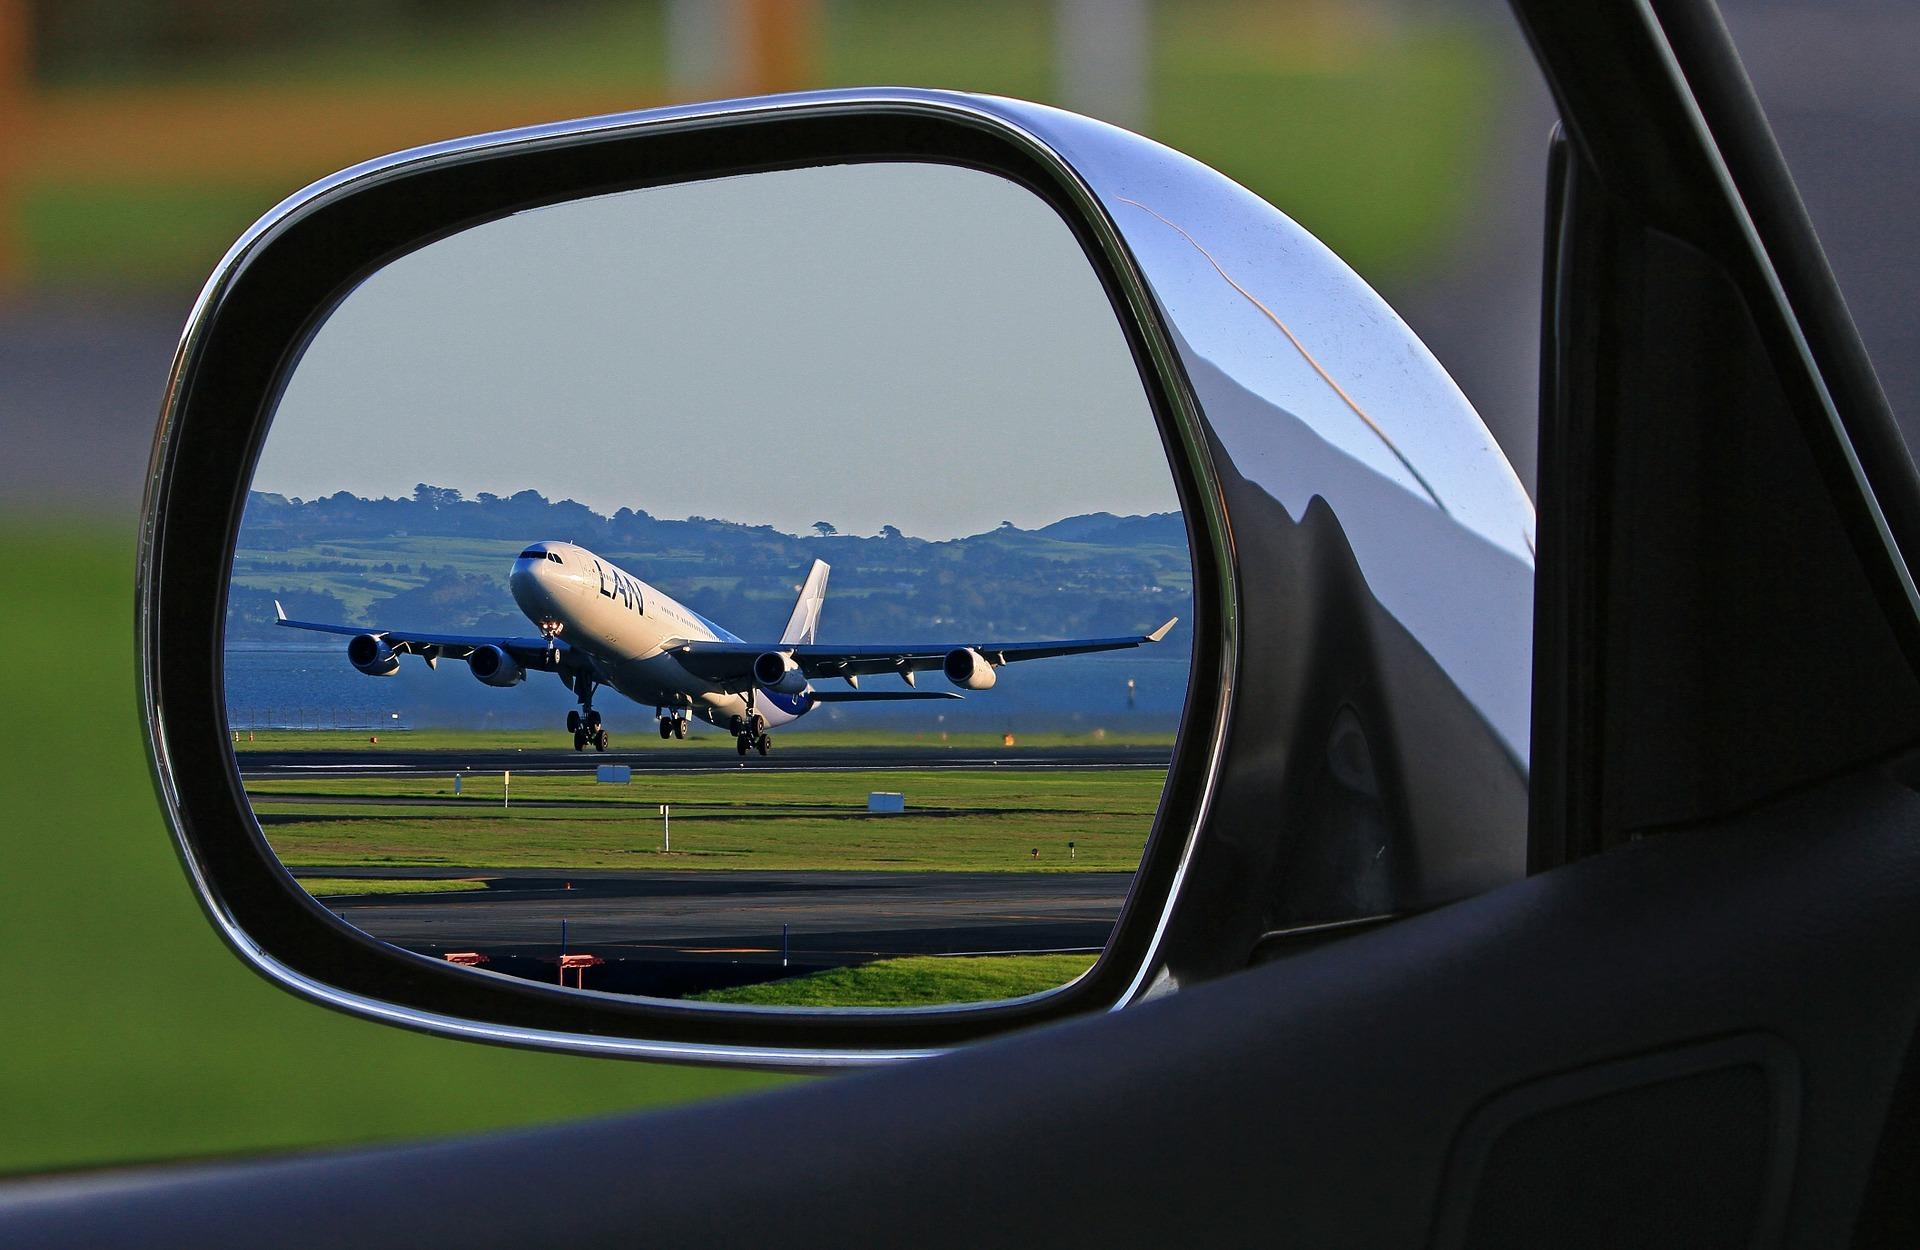 【専用車】 片道 空港/港-ホテル間 送迎サービス